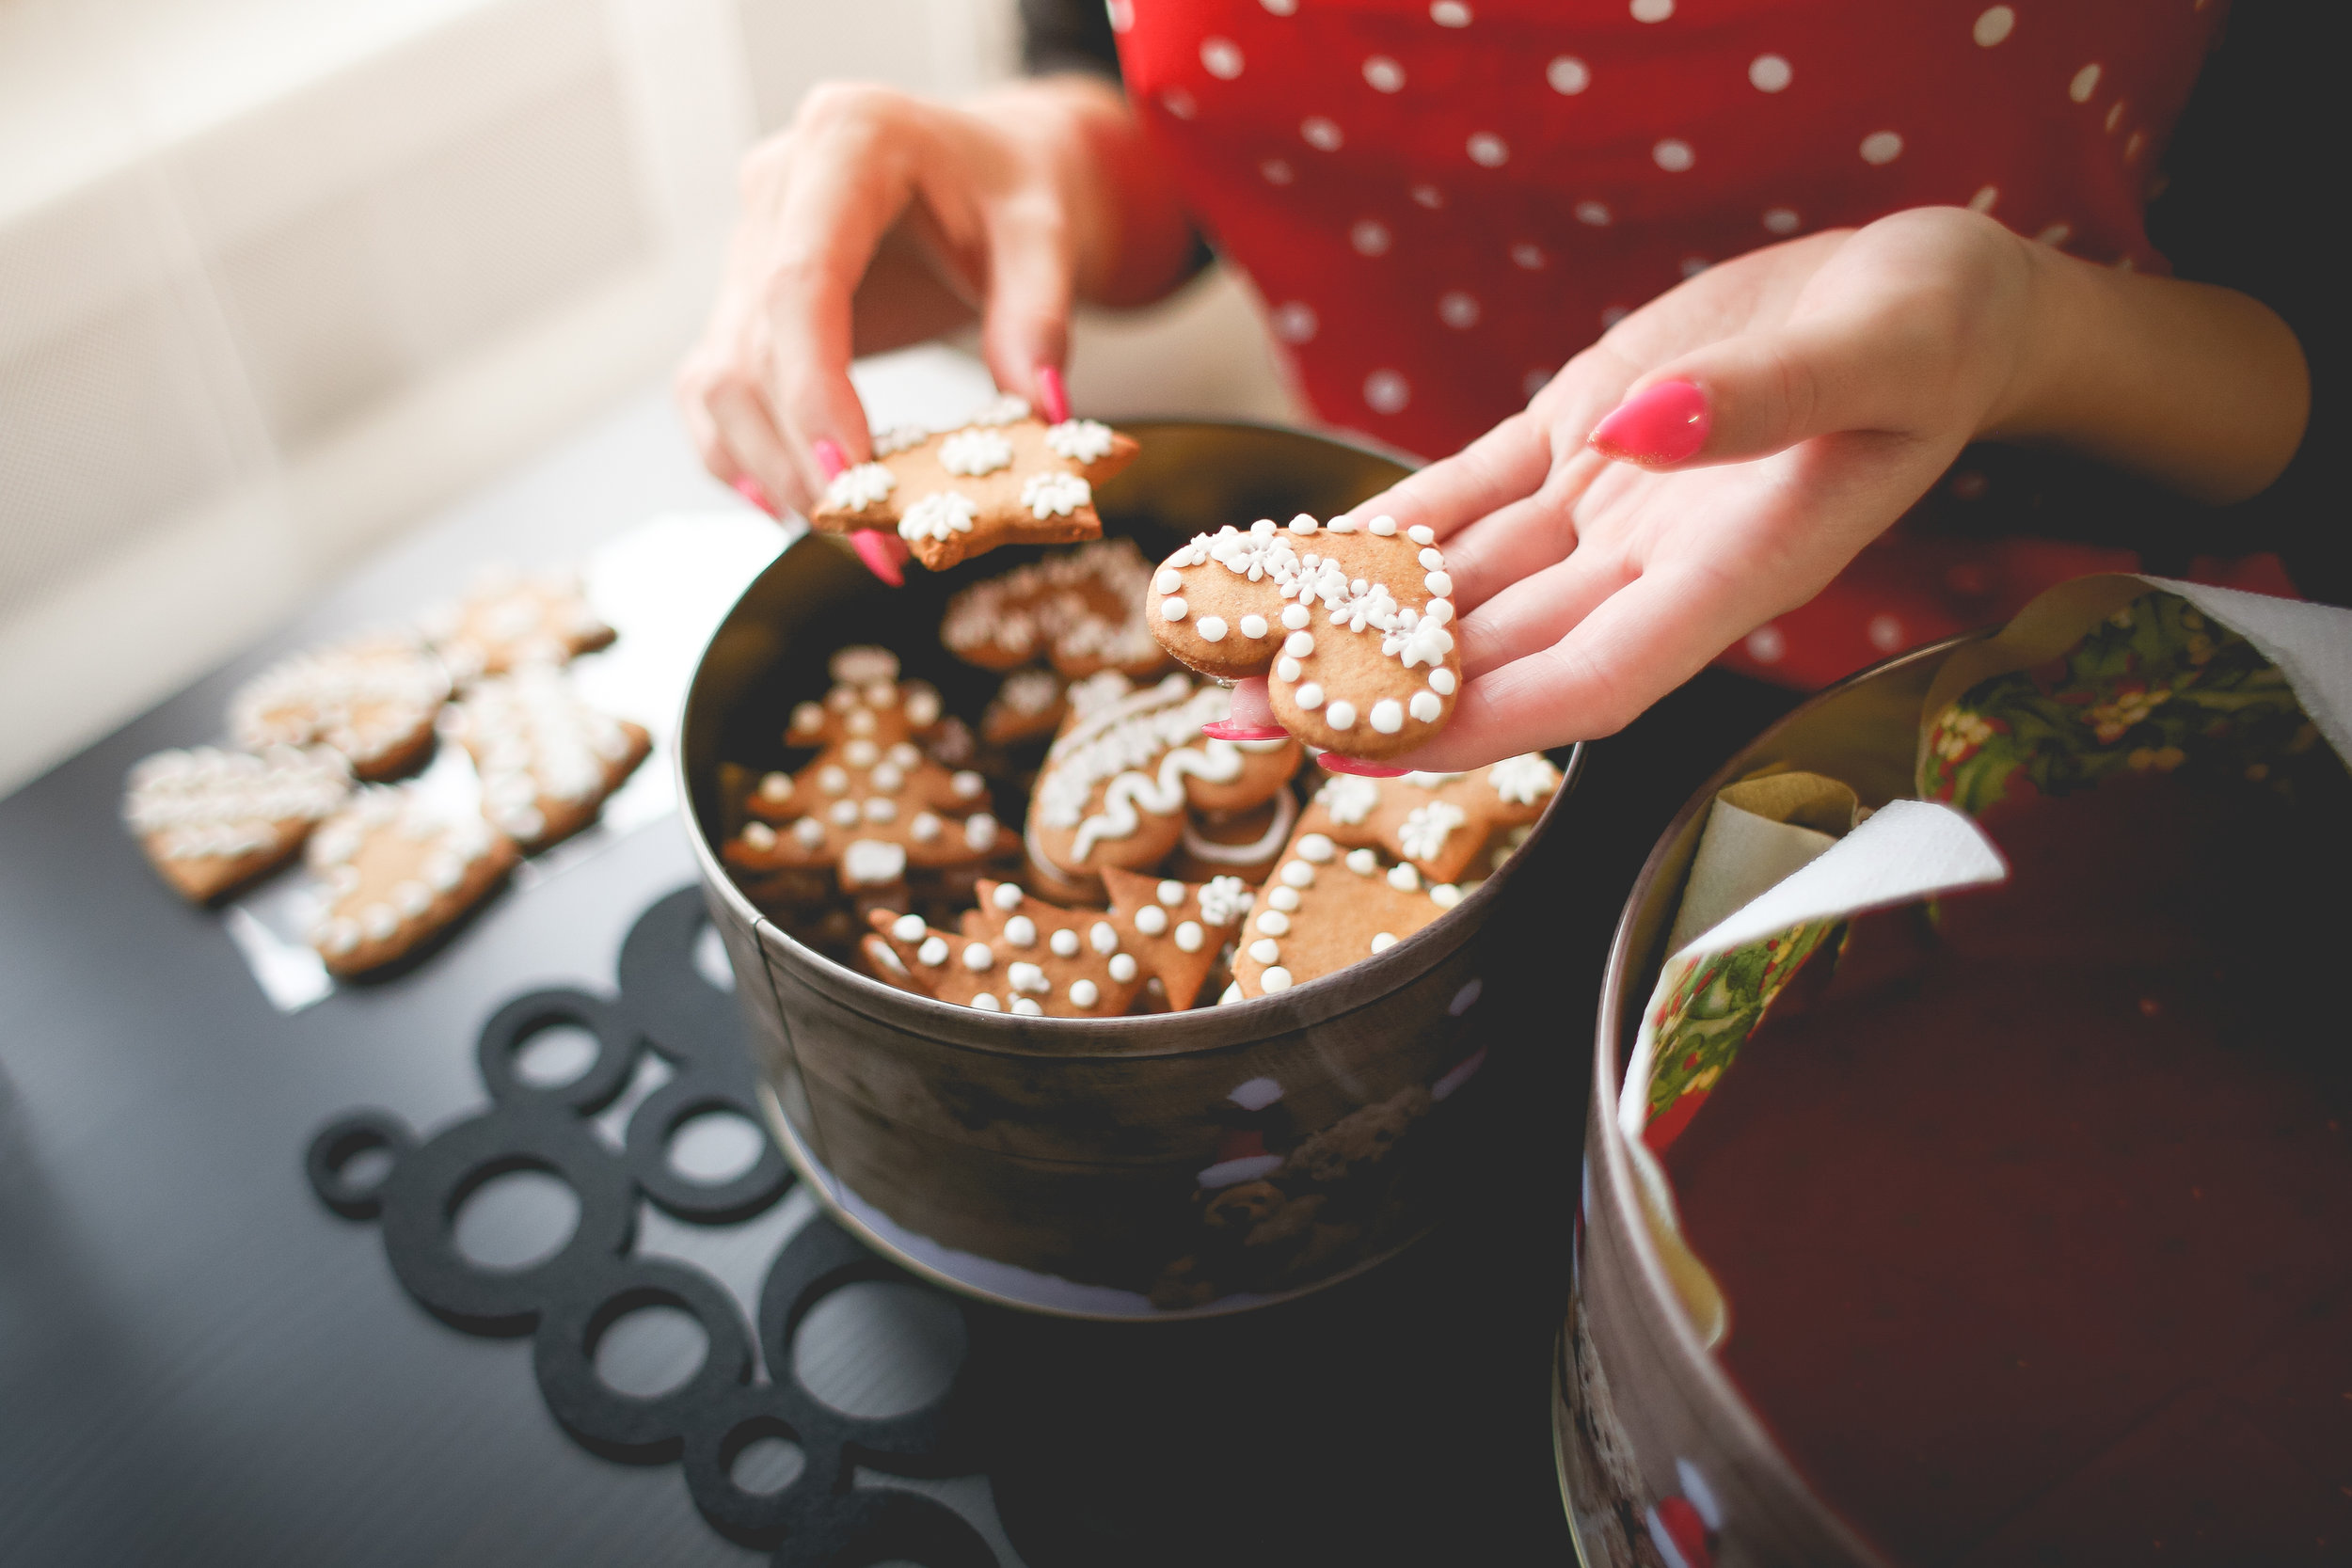 young-woman-showing-freshly-baked-christmas-cookies-picjumbo-com.jpg